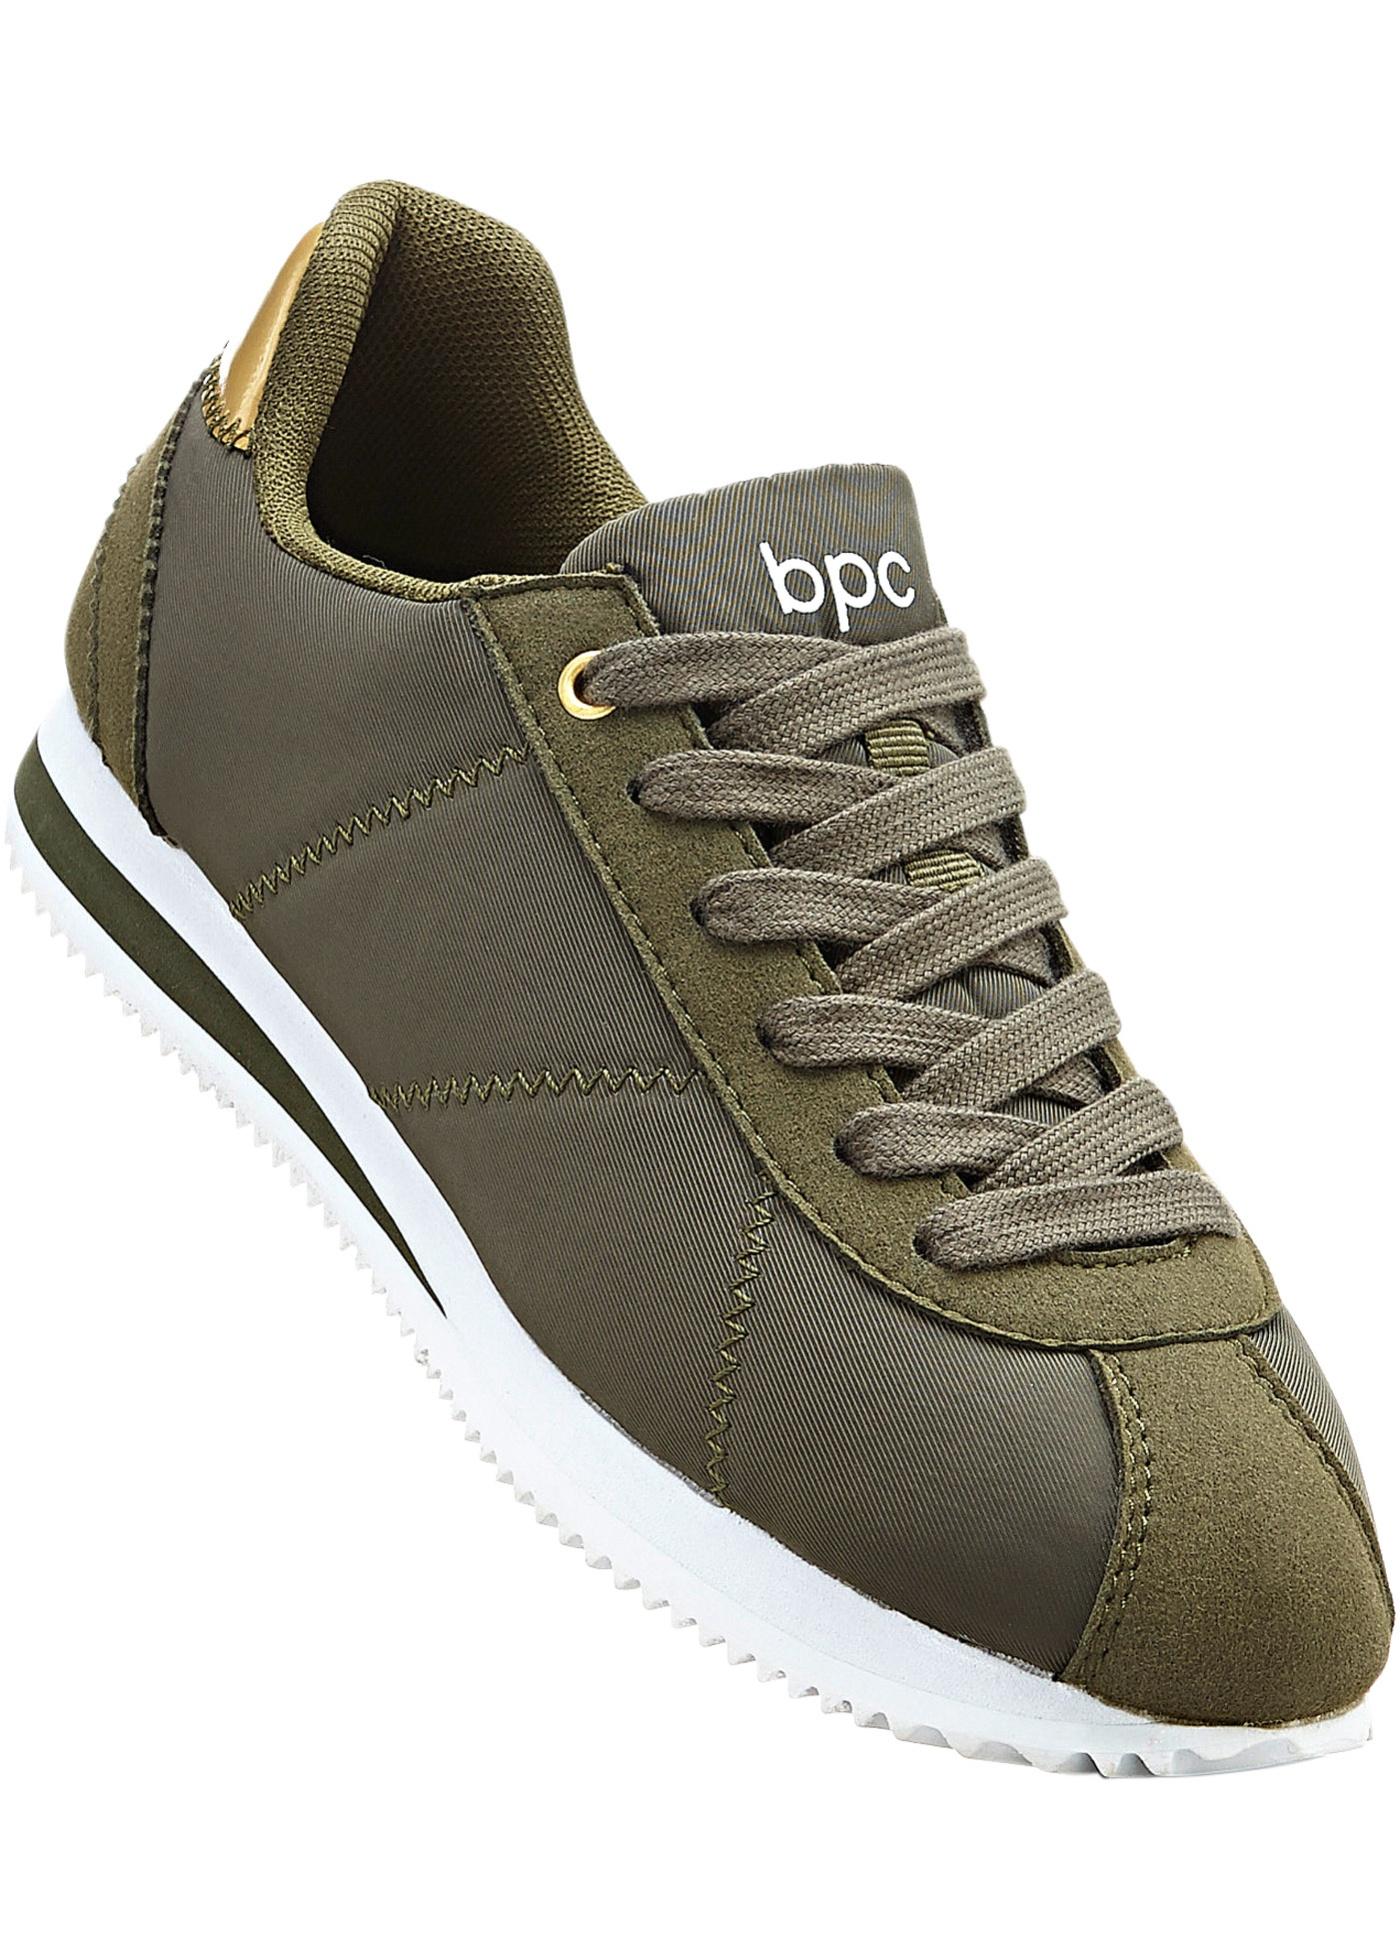 Sneakers avec semelle intérieure amovible, look métallique au talon et semelle extérieure légèrement profilée.